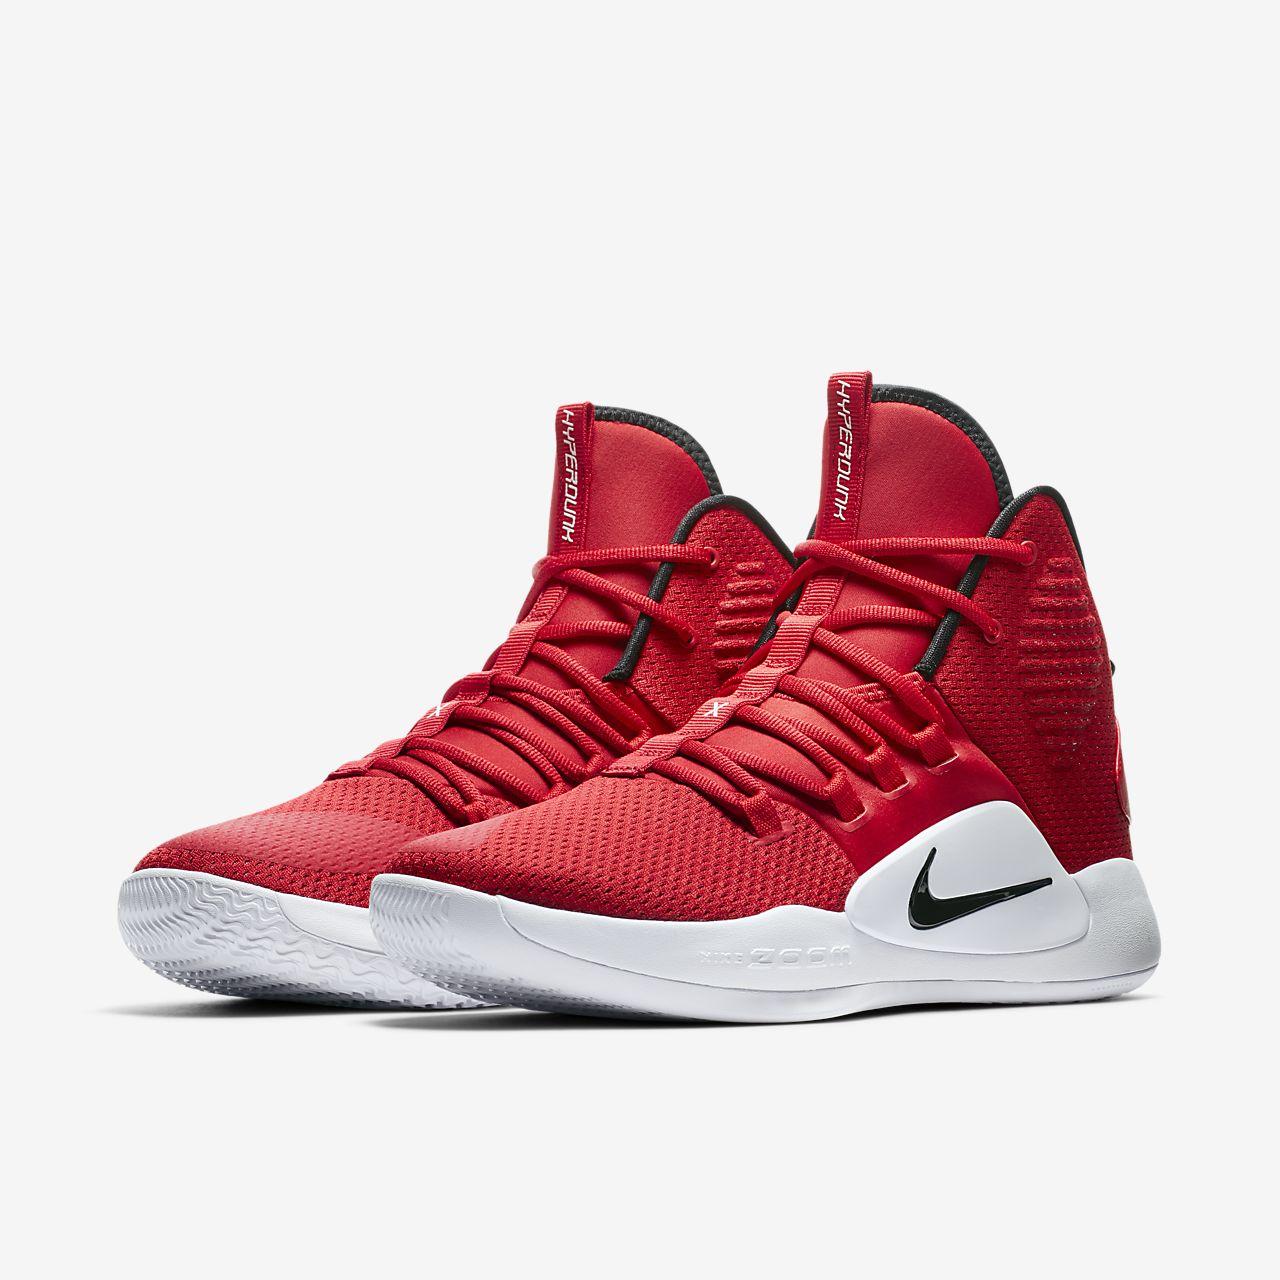 052d8b25fb7db7 Low Resolution Nike Hyperdunk X TB Basketball Shoe Nike Hyperdunk X TB Basketball  Shoe